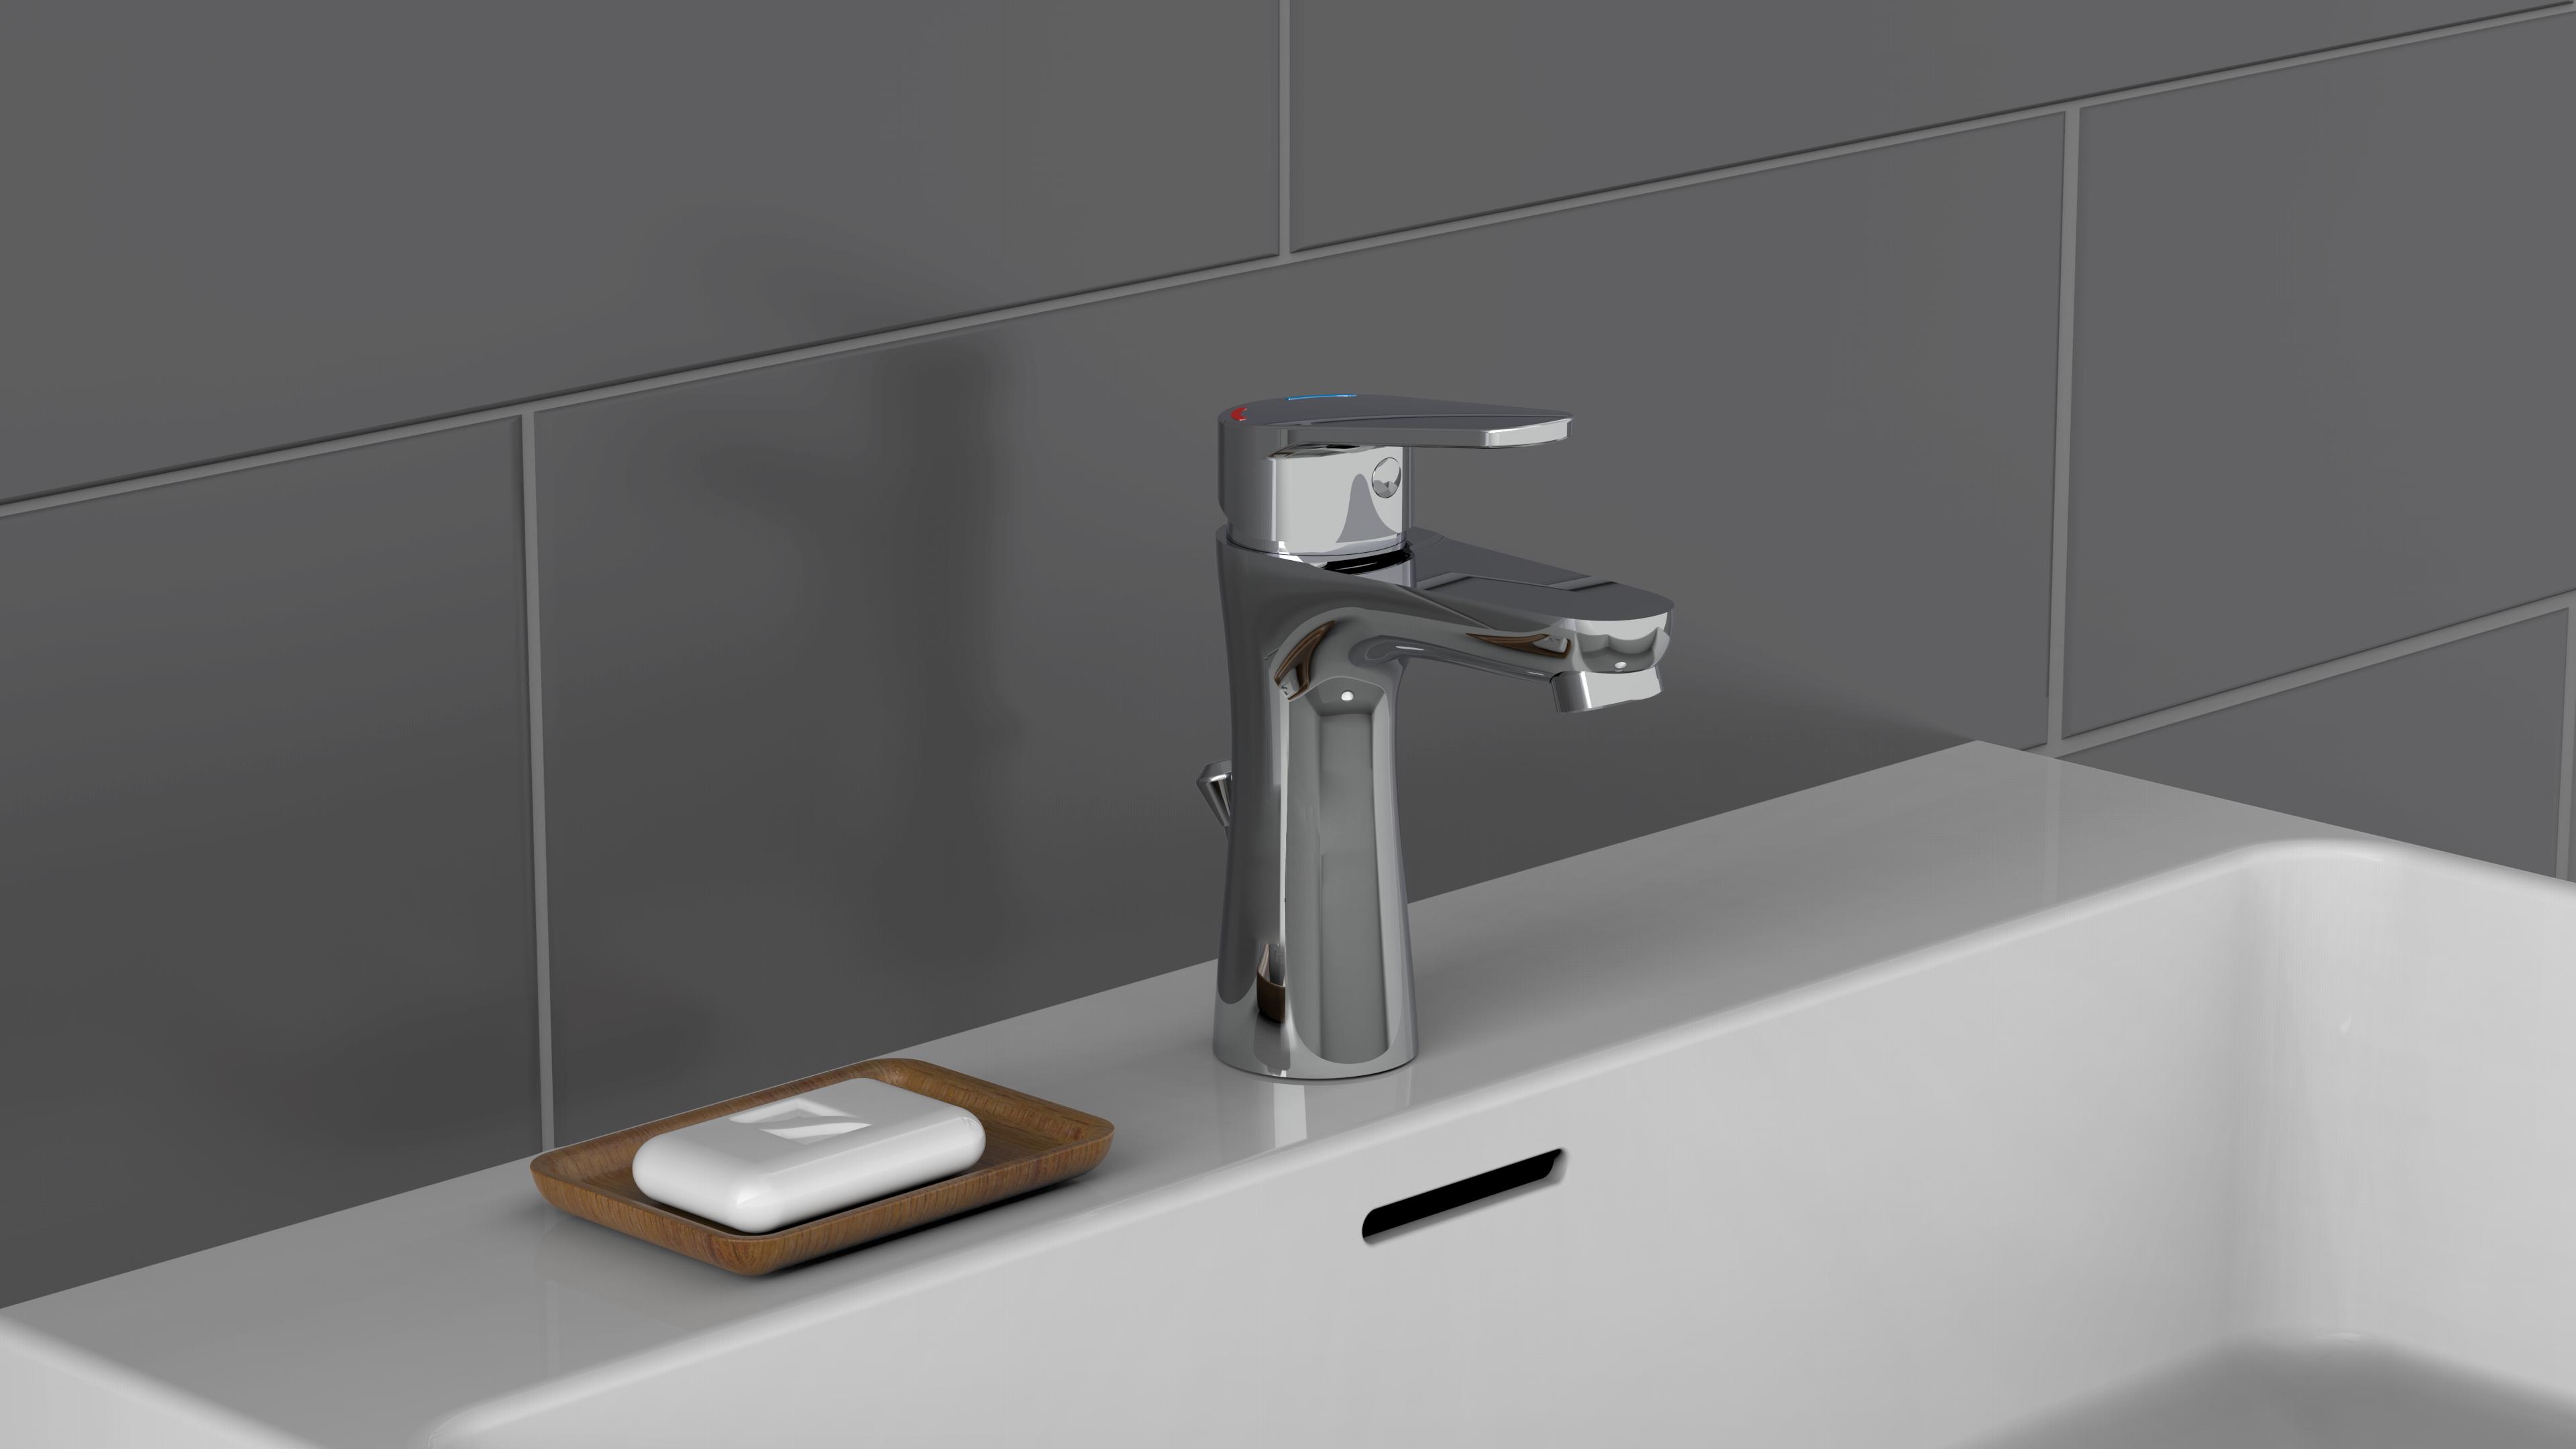 Waschtischarmatur Pico Wasserhahn Mischbatterie Einhebelmischer Eco In 2020 Waschtischarmatur Wasserhahn Badezimmer